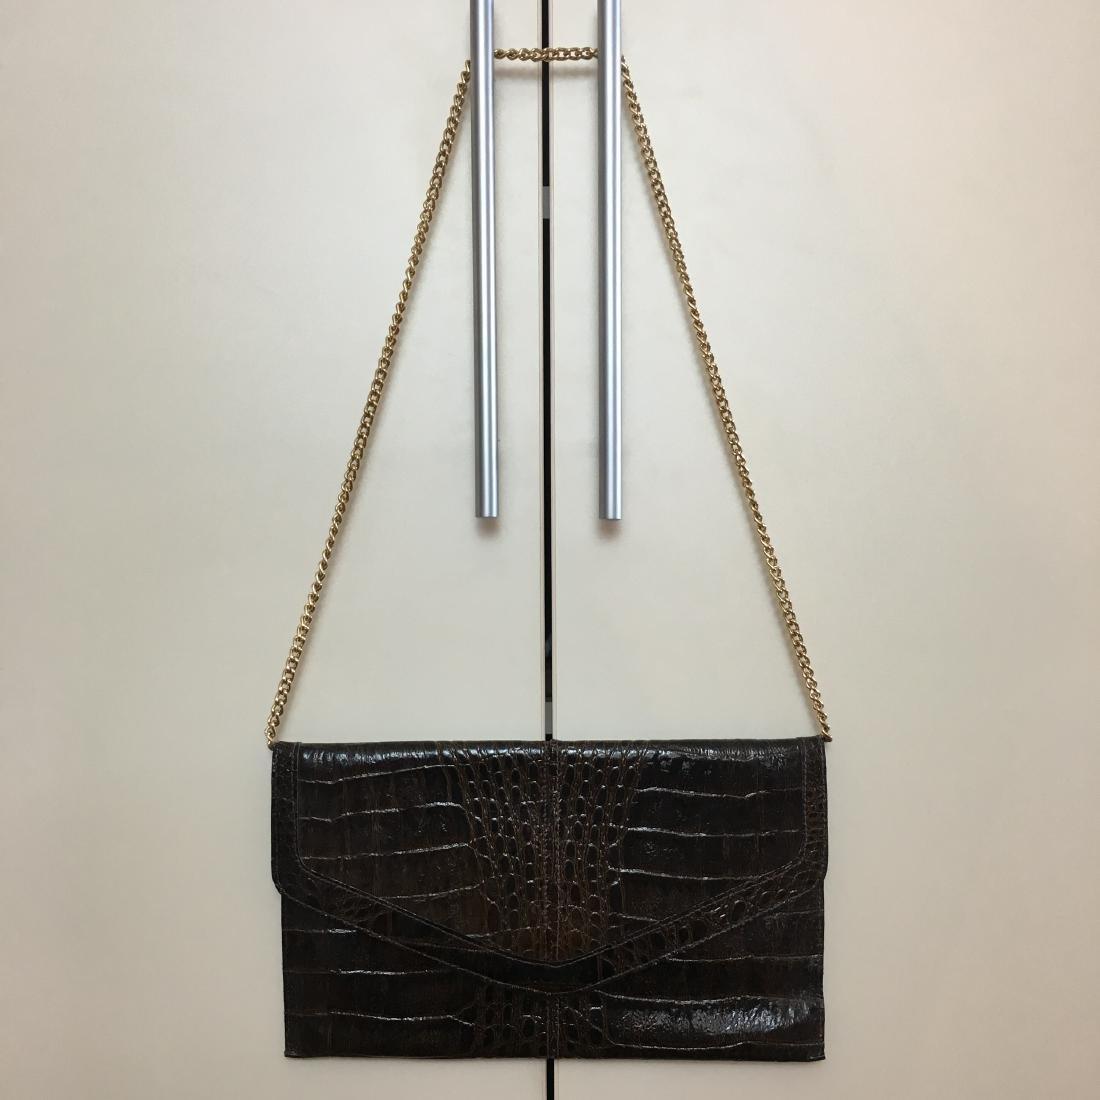 Vintage Real Alligator Leather Clutch Bag - 2